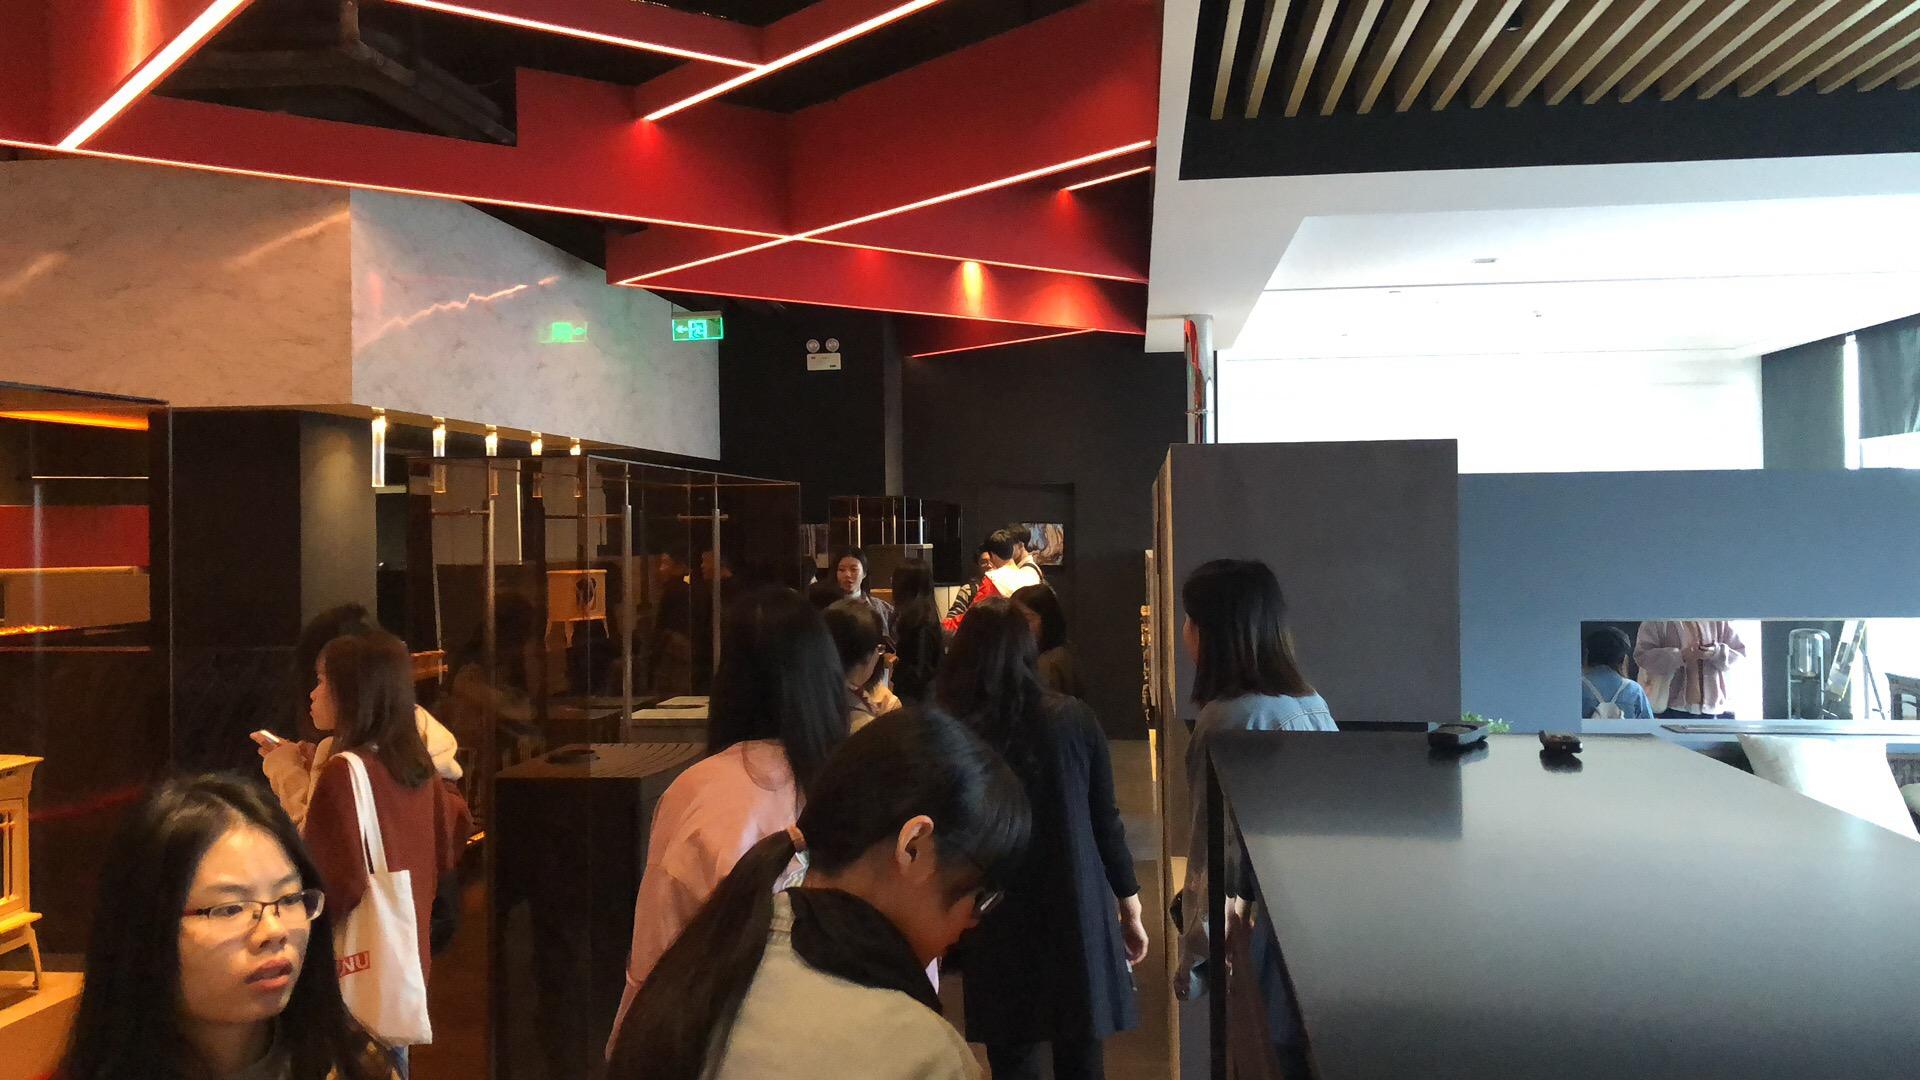 莫洛尼杭州展廳迎來杭州師范大學學生團體參觀